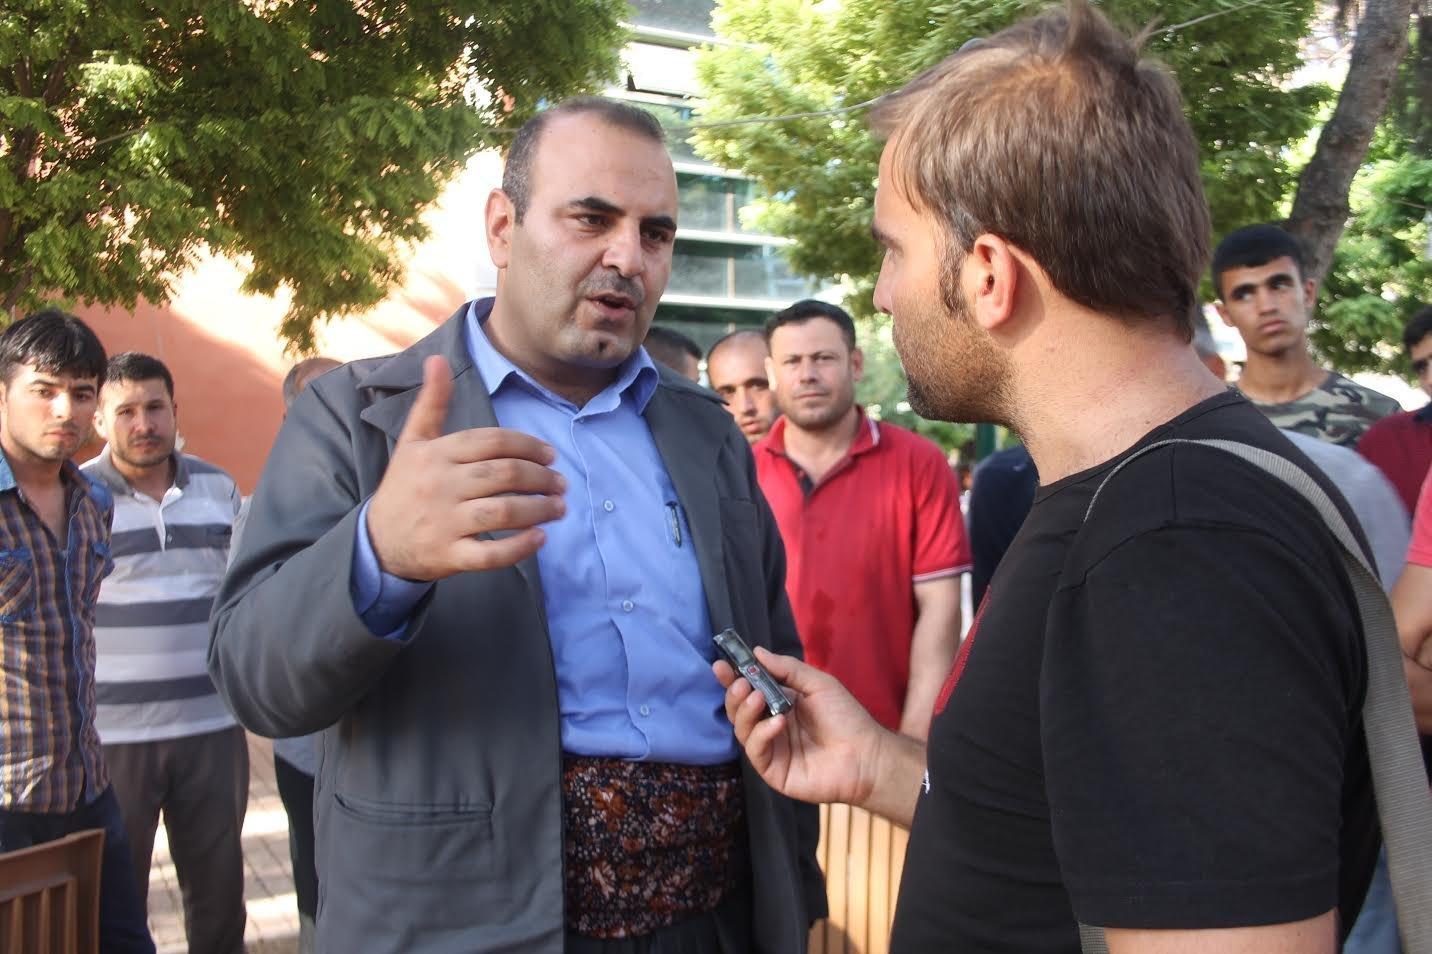 Kobani Eş Başbakanı Enver Müslim, Sputnik muhabiri Hikmet Durgun'a konuştu. Müslim, Türkiye'nin duvarı Kobani tarafında örmeye çalıştığı için buna karşı çıktıklarını söyledi.